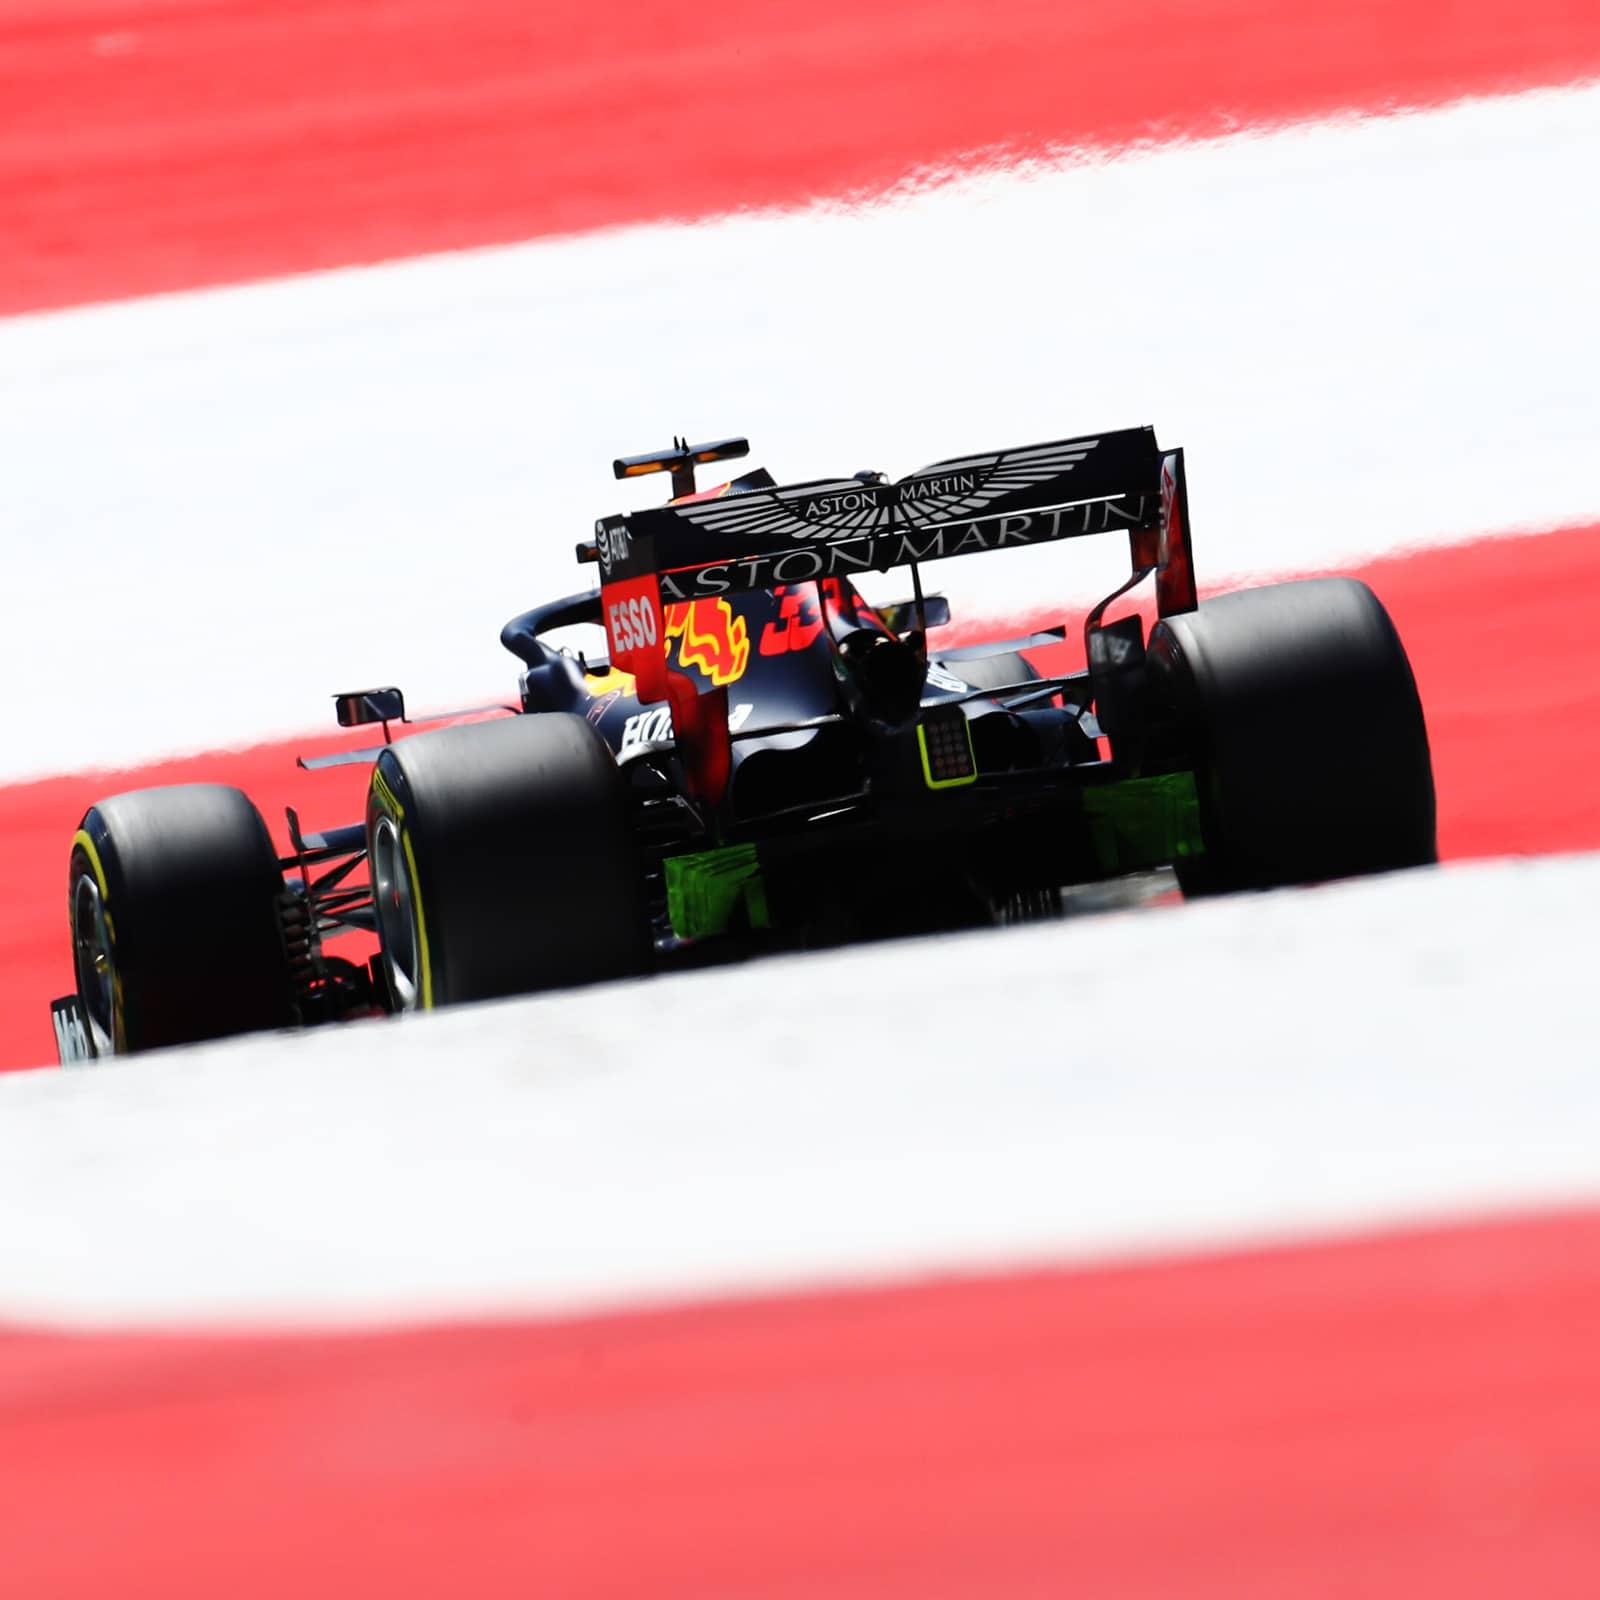 Lewis Hamilton convoqué par les commissaires du GP d'Autriche - F1 - GP d'Autriche